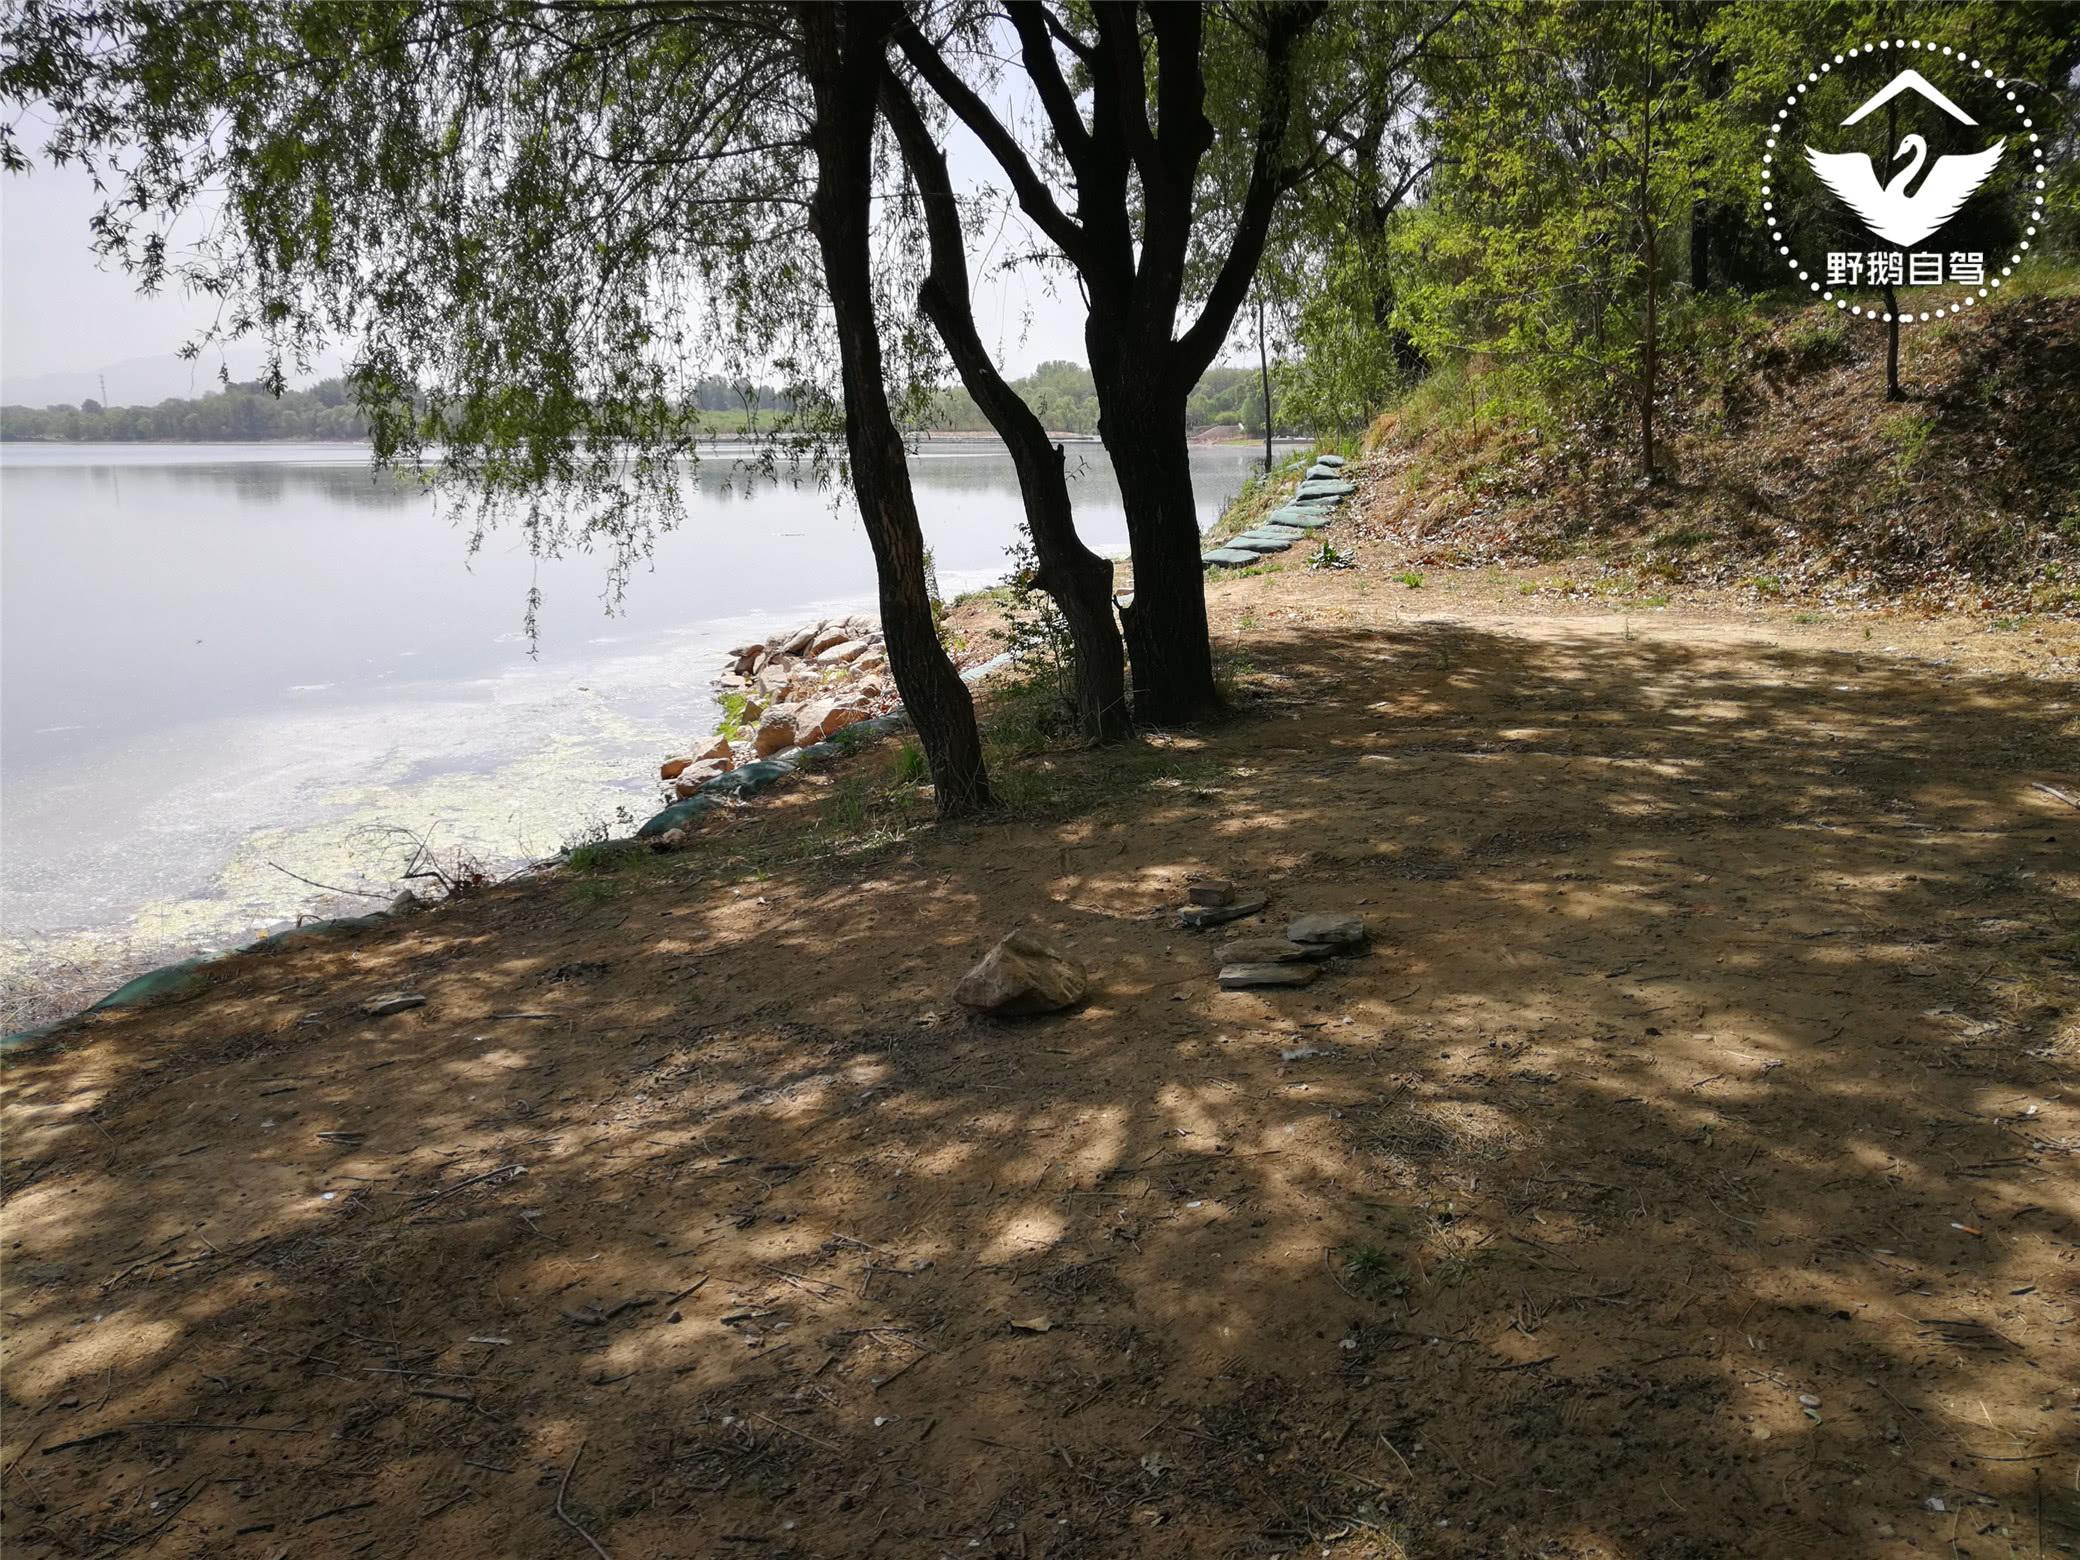 京郊这个滨河森林公园,散步,骑行,遛狗,关键免费图片